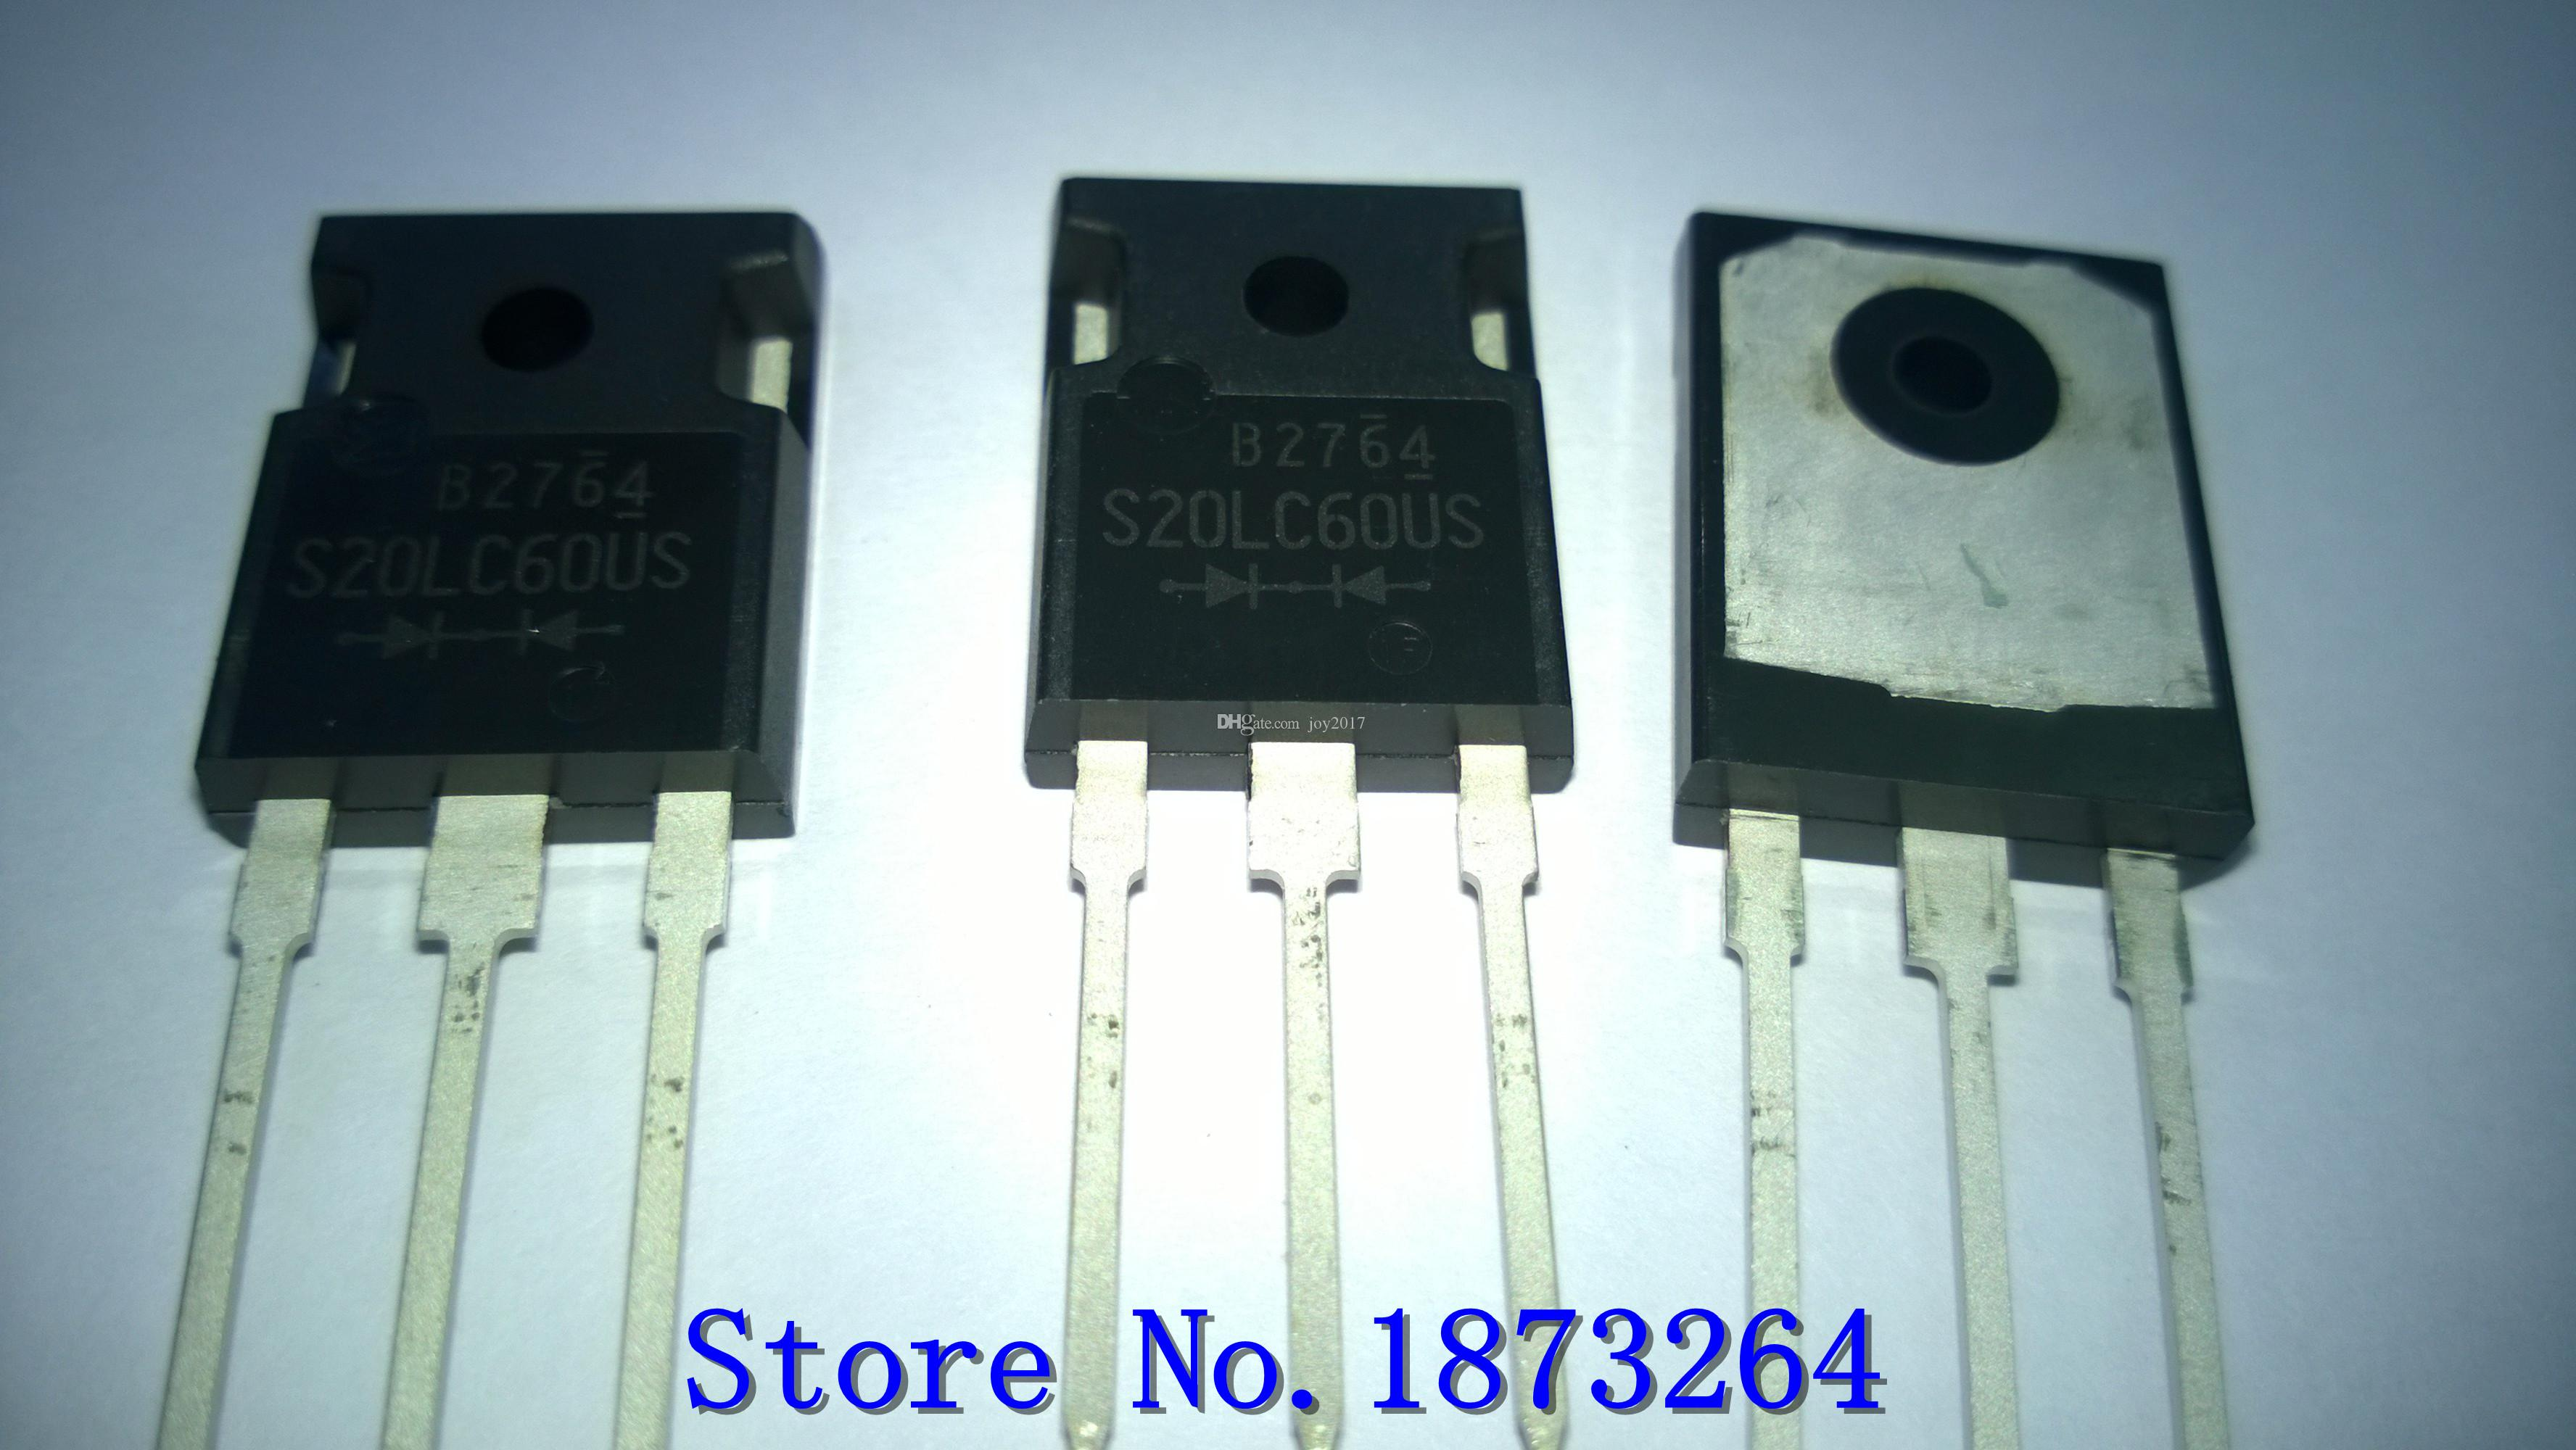 Livraison gratuite S20LC60US 20LC60 S20LC60 TO3P Nouveau et original 10PCS / LOT